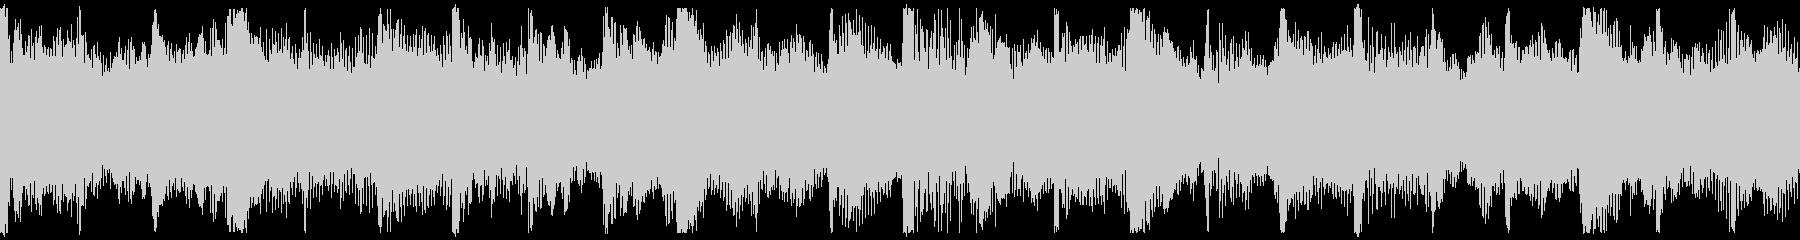 感動表現、CM,ブライダル、ループ1の未再生の波形